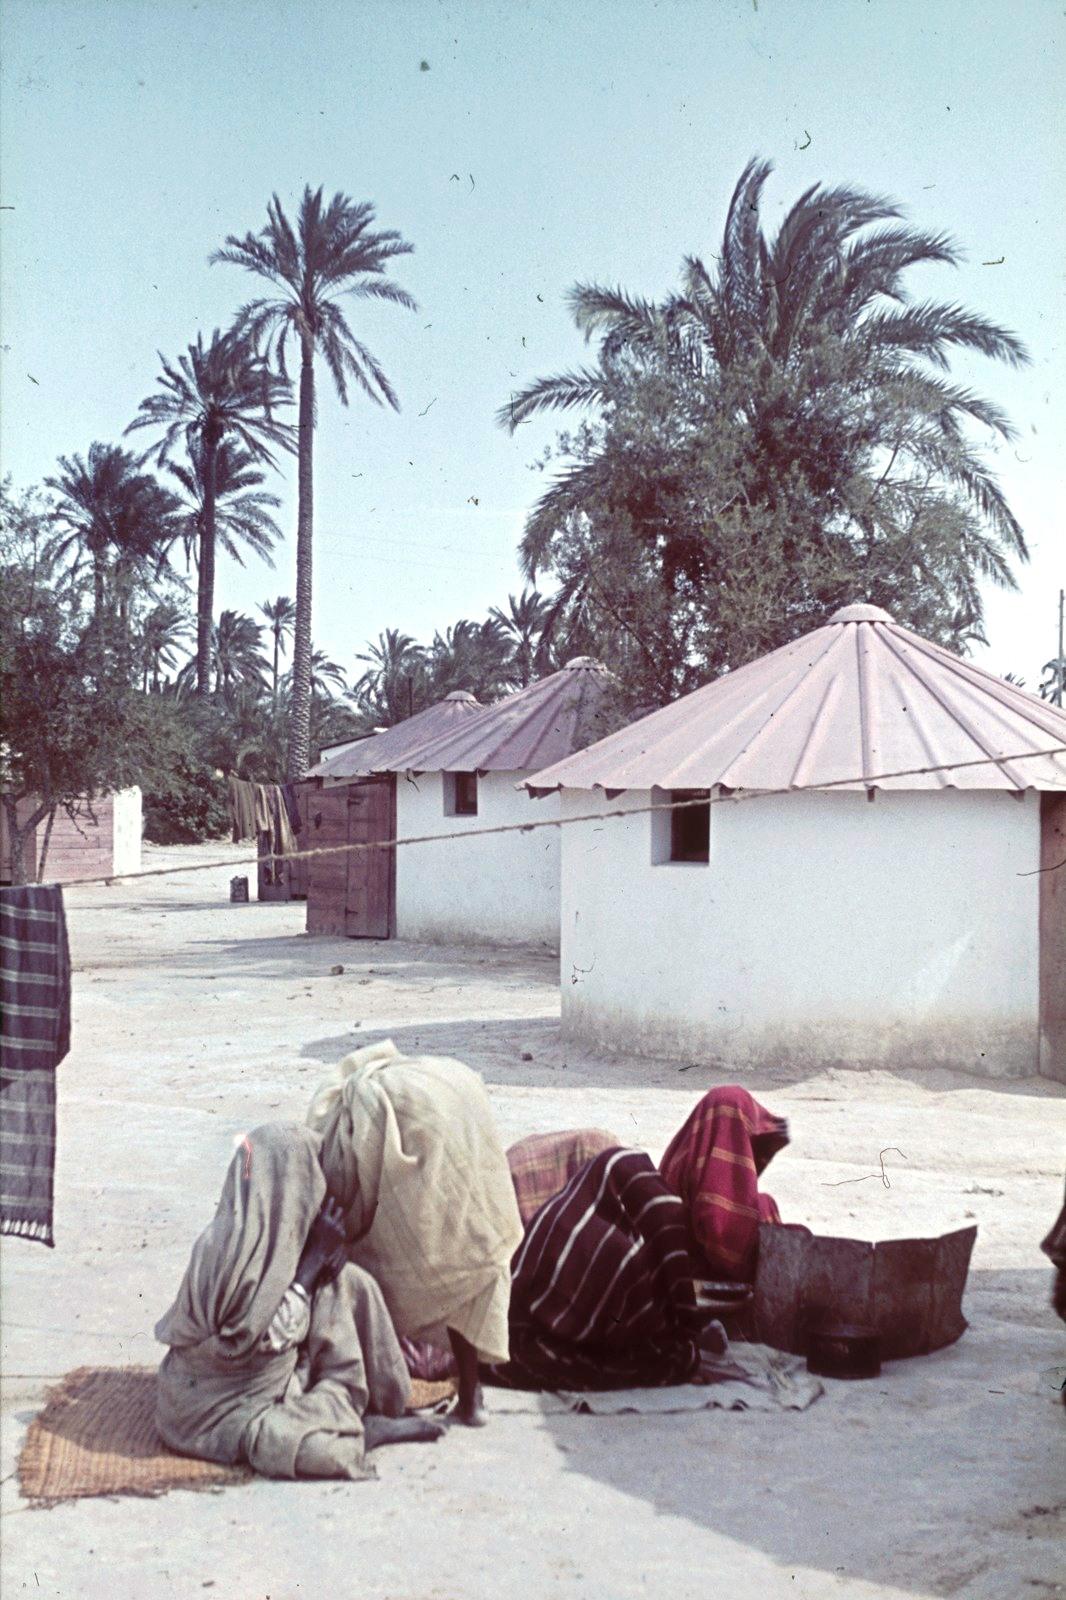 Группа местных жителей перед хижинами под пальмами, провинция Фессан